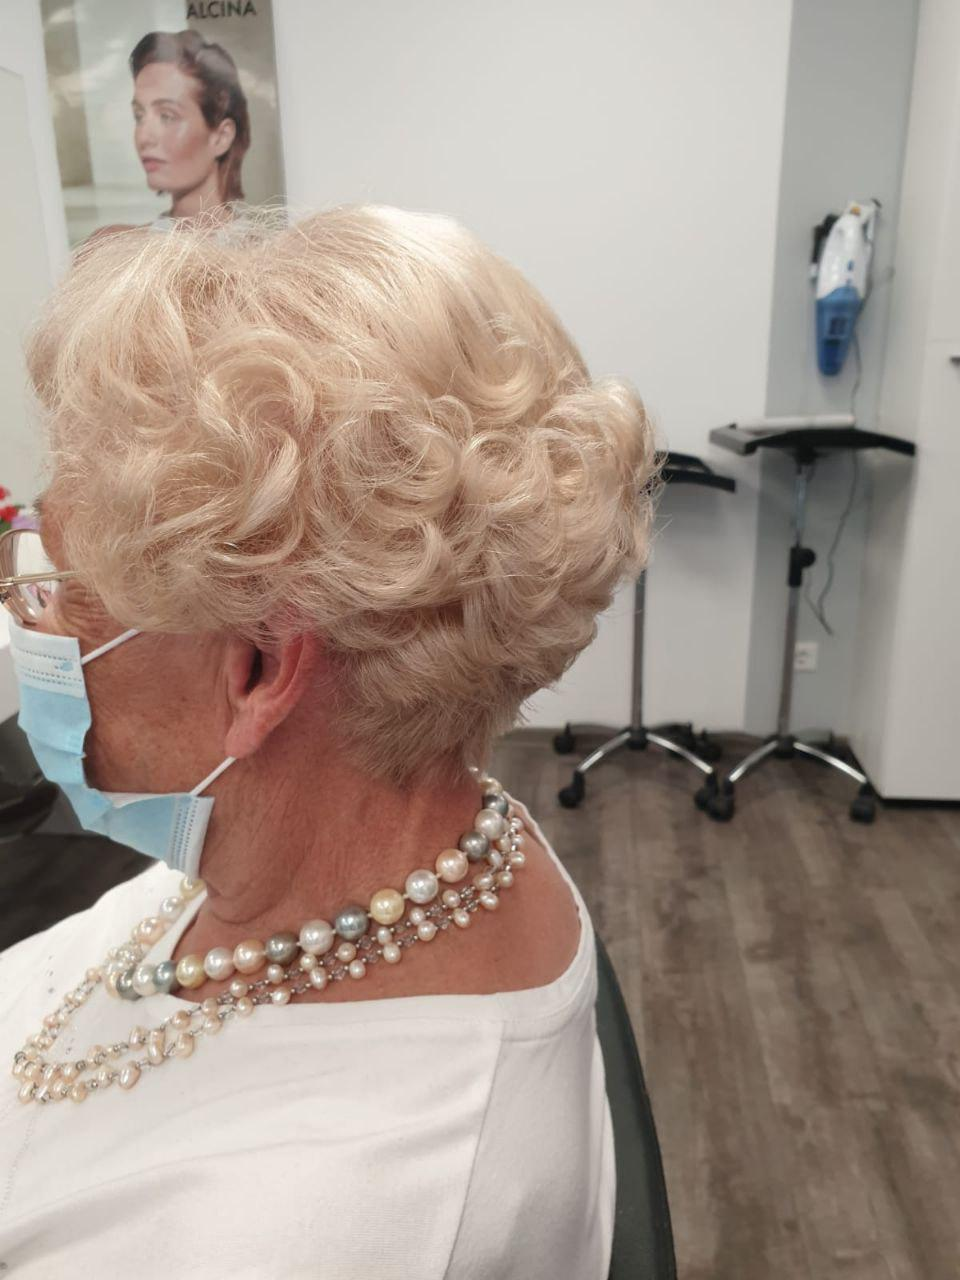 Damenhaarschnitt von Hairstation - Friseur in Solingen Höhscheid